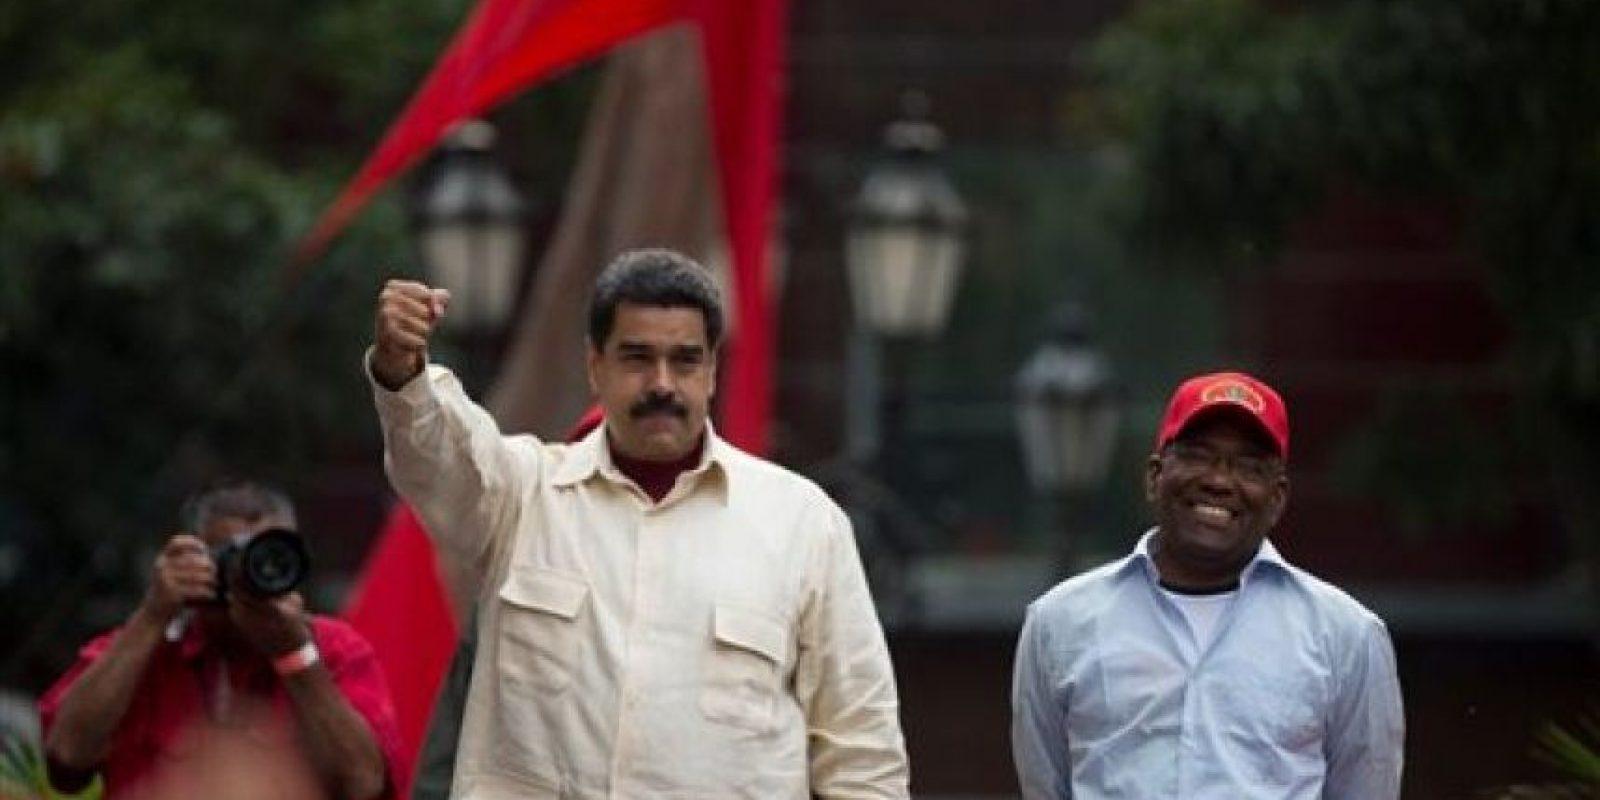 . Imagen Por: Nicolás Maduro es presidente de Venezuela desde el 19 de abril de 2013. | Foto:AP